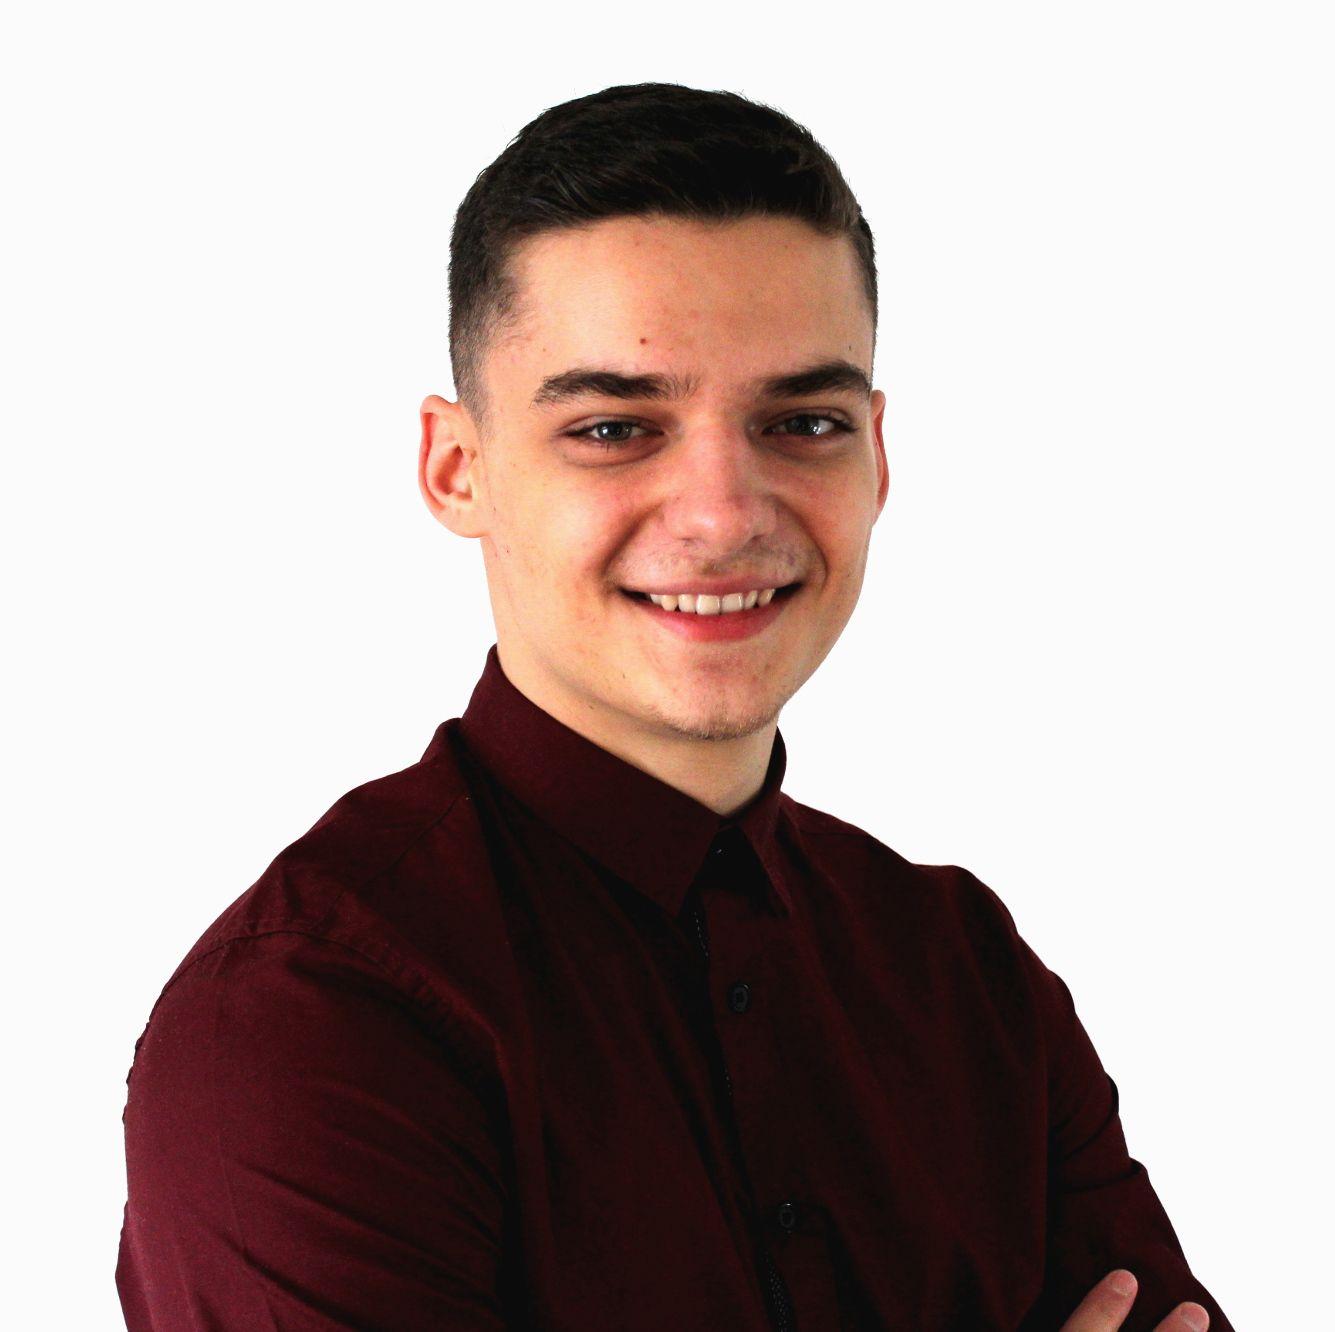 Florian Dedov